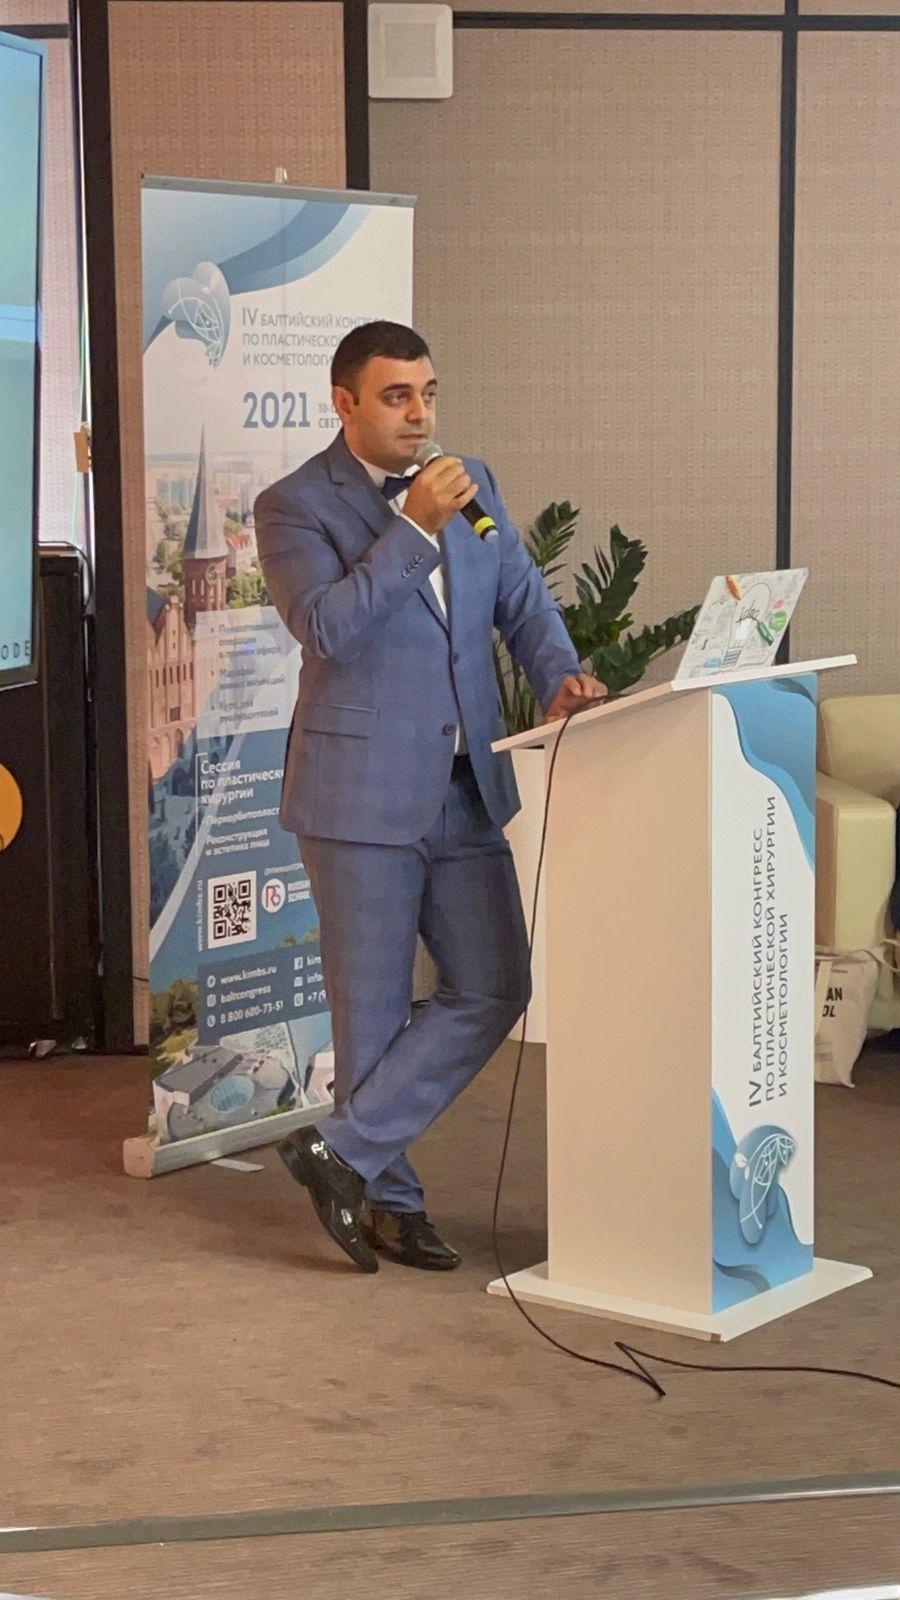 Презентация BlepharoTite доктора Аршакяна запомнилась участникам конгресса